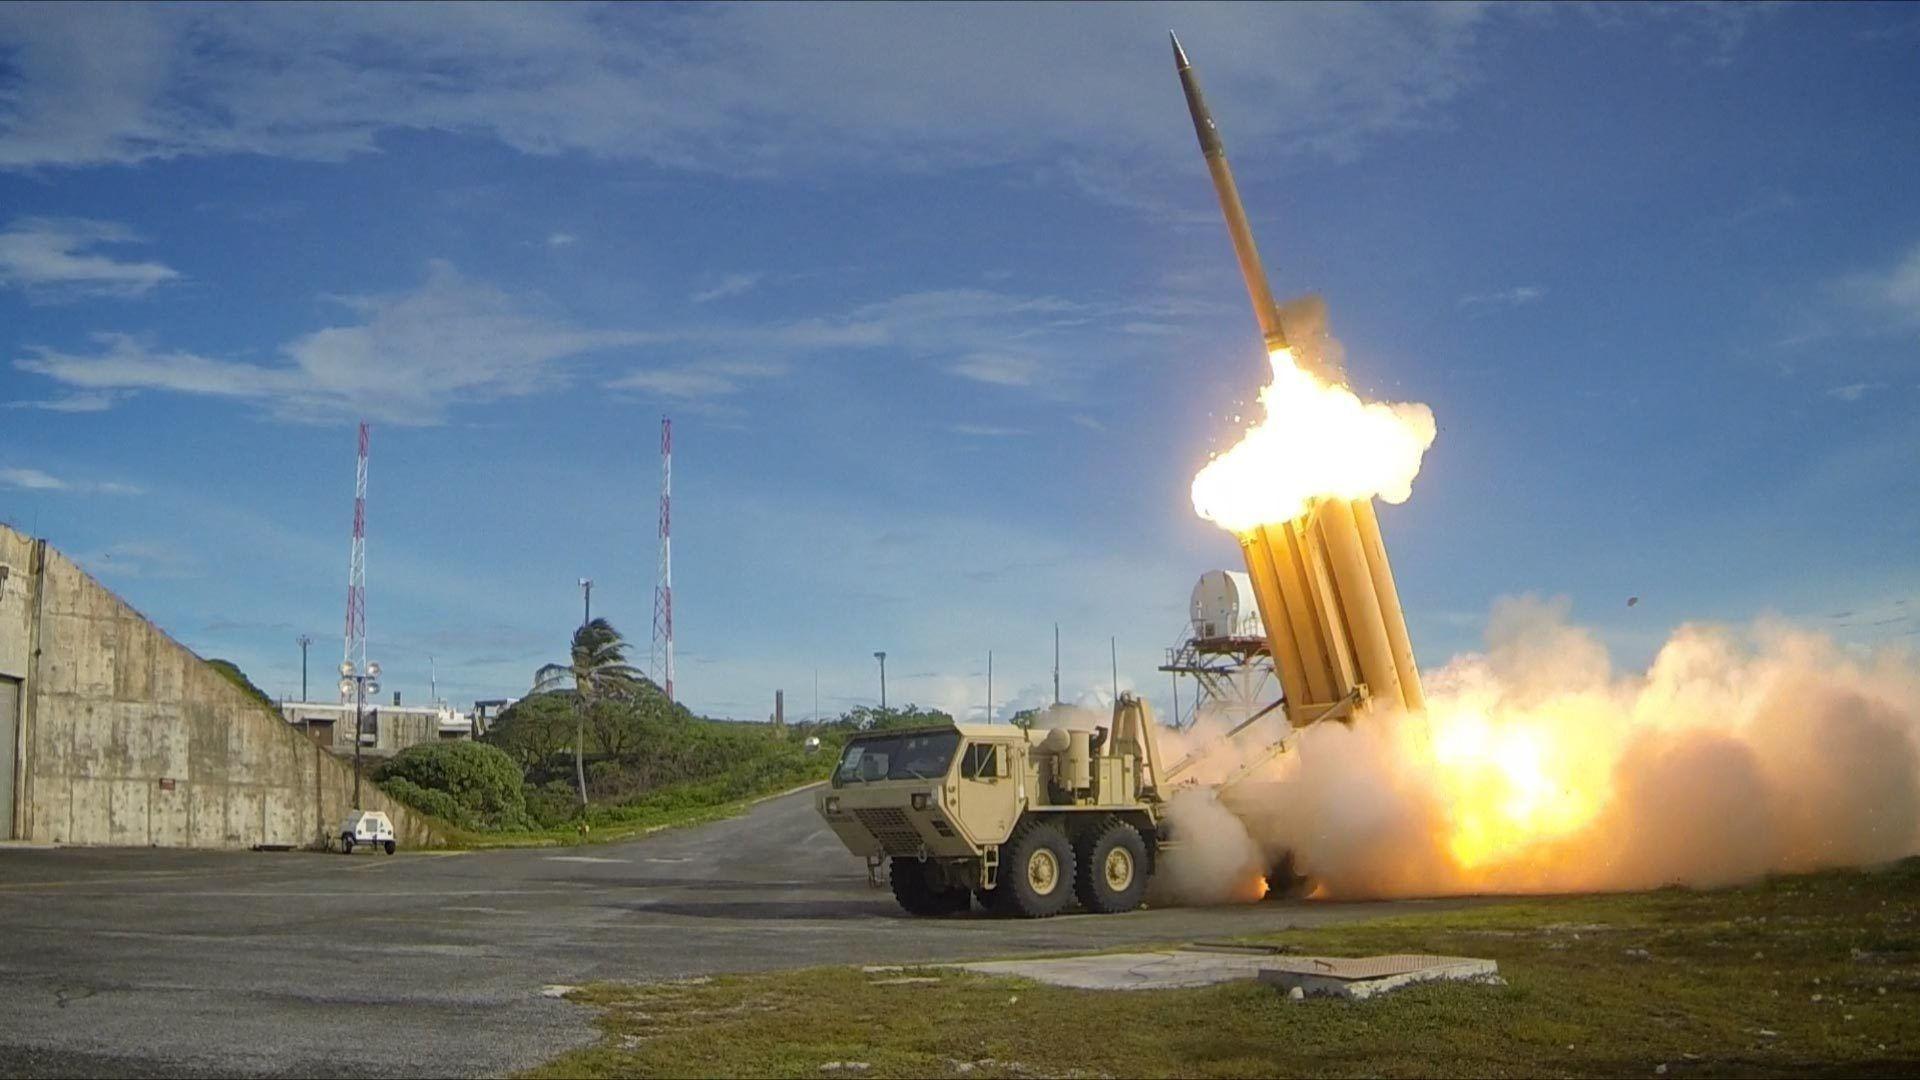 По словам Лаврова, Вашингтон использует действия КНДР как предлог для наращивания военного потенциала в регионе / Фото The U.S. Army via Flickr